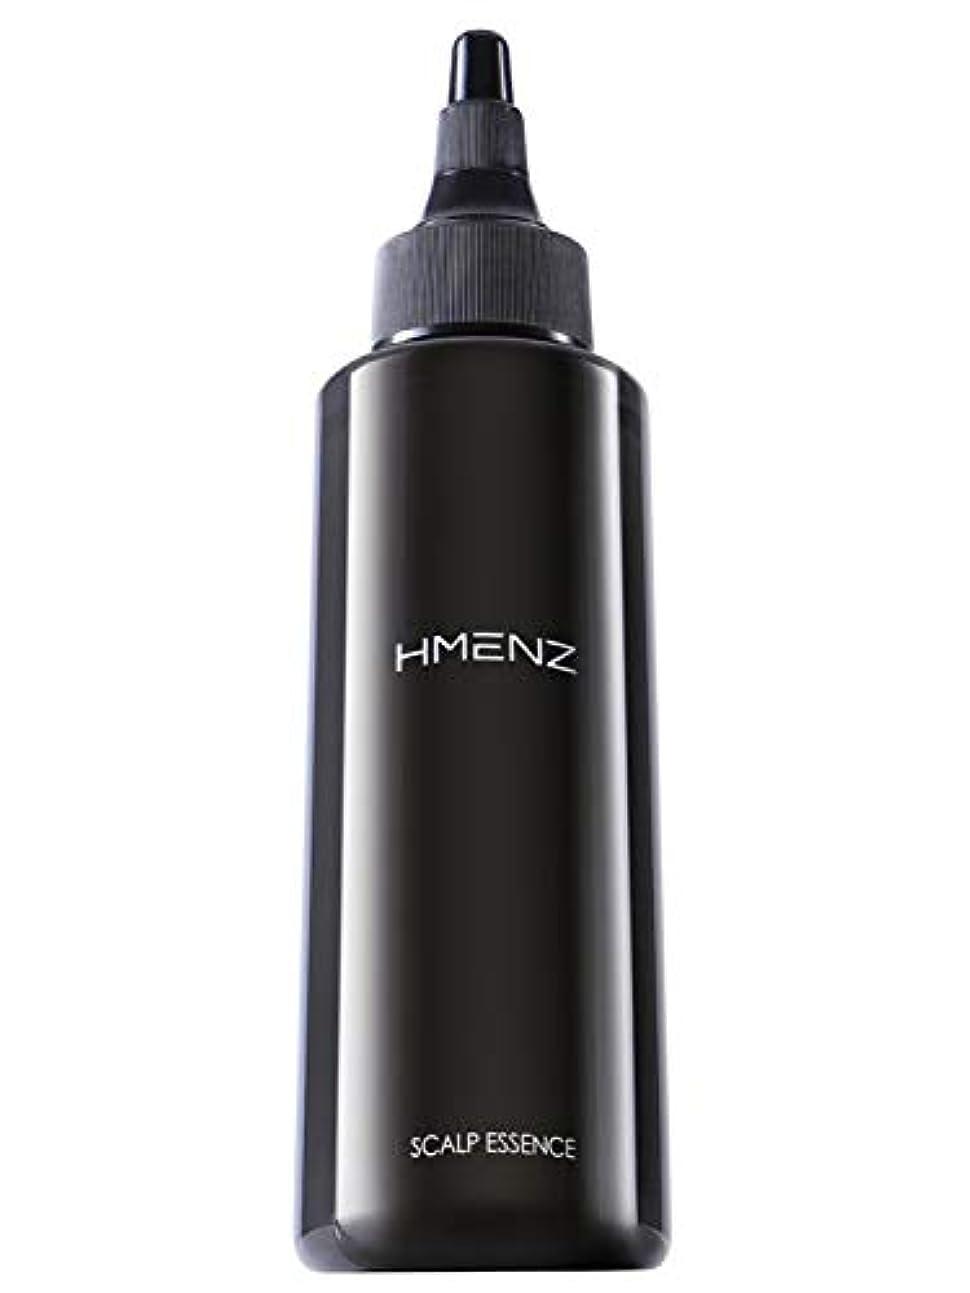 軍団保護変化する医薬部外品 HMENZ メンズ 育毛剤 スカルプエッセンス 毛髪エイジングケアシリーズ 和漢根 海藻配合 育毛トニック 120ml